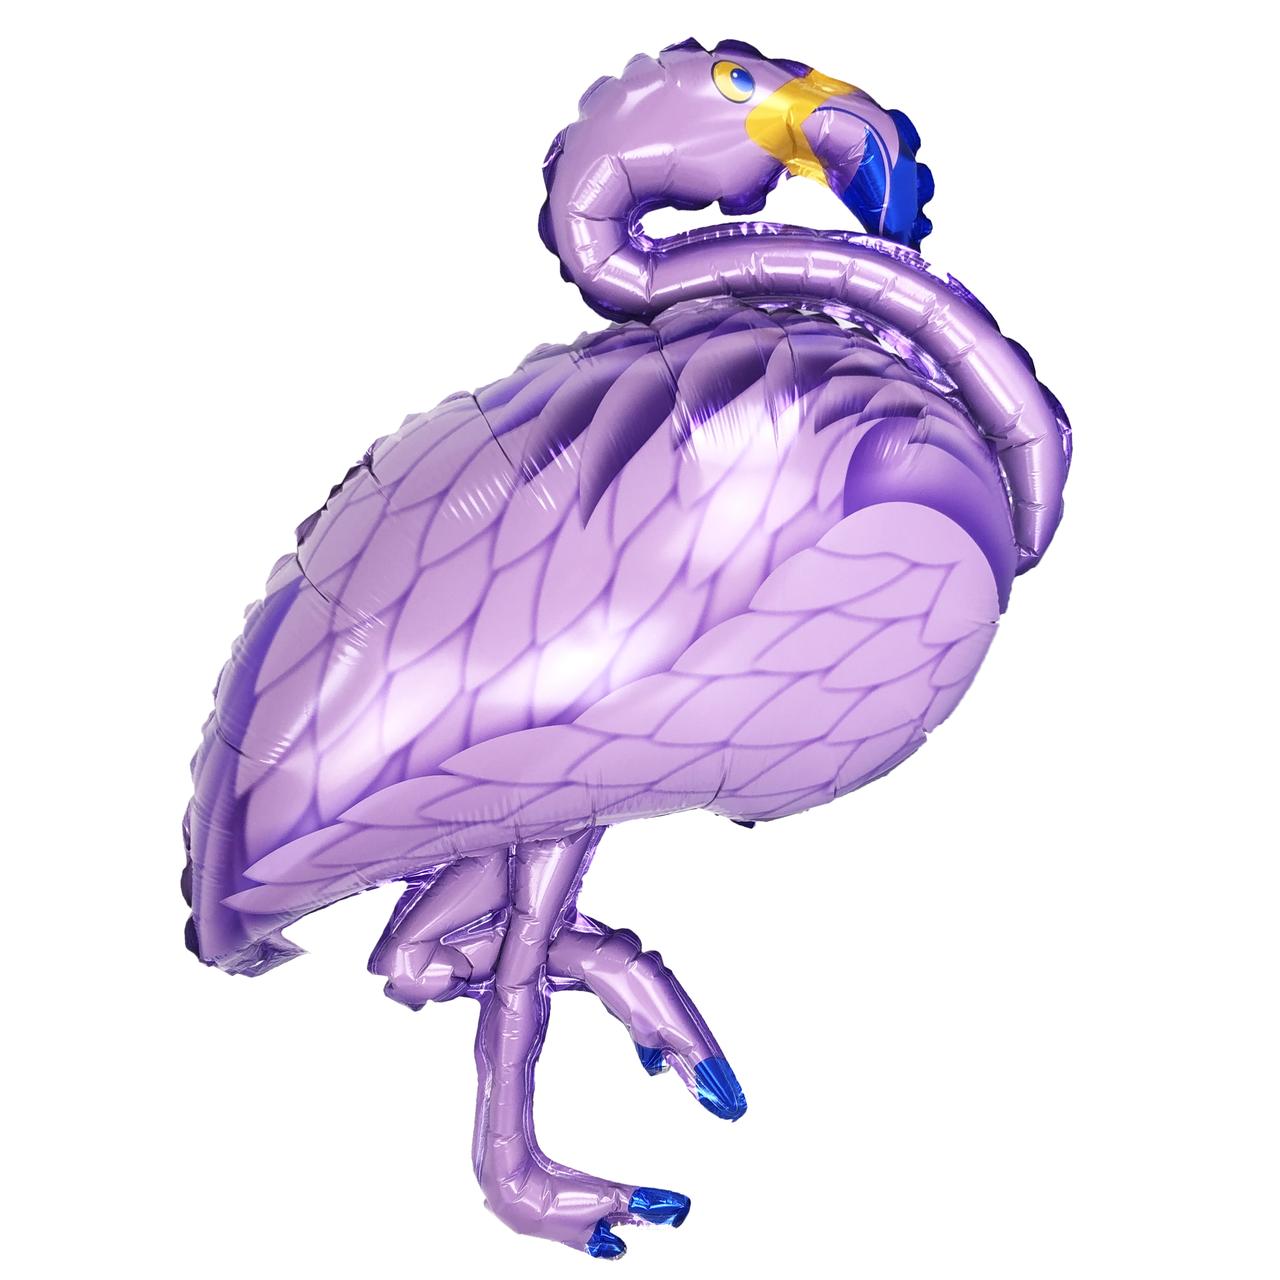 Фольгированный шар 40' Китай Фламинго фиолетовый в упаковке, 100 см